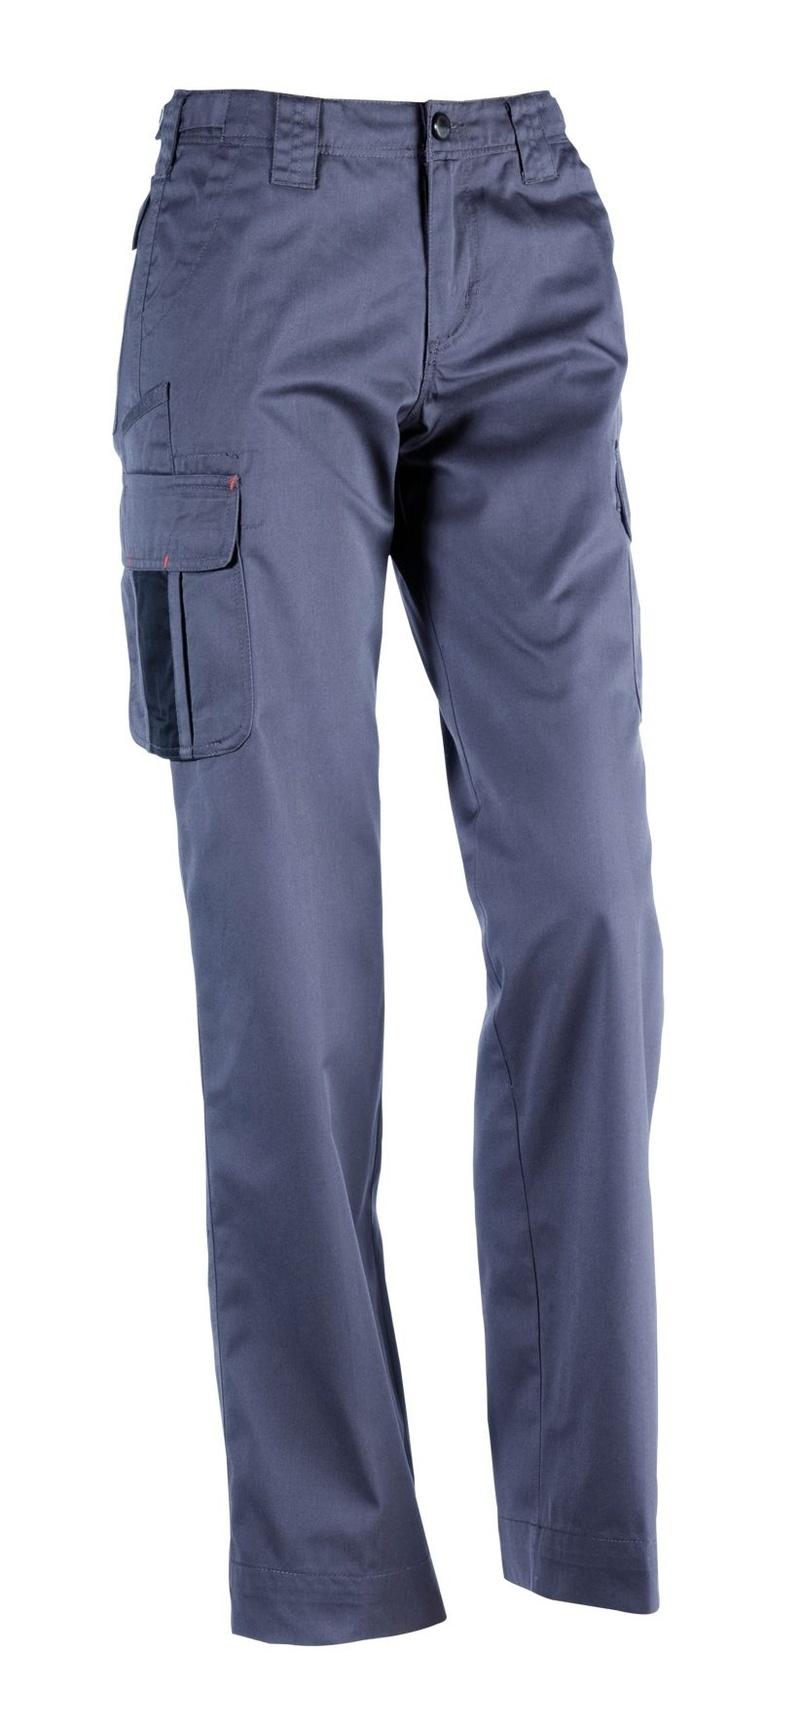 dámské kalhoty HEROCK ATHENA 38